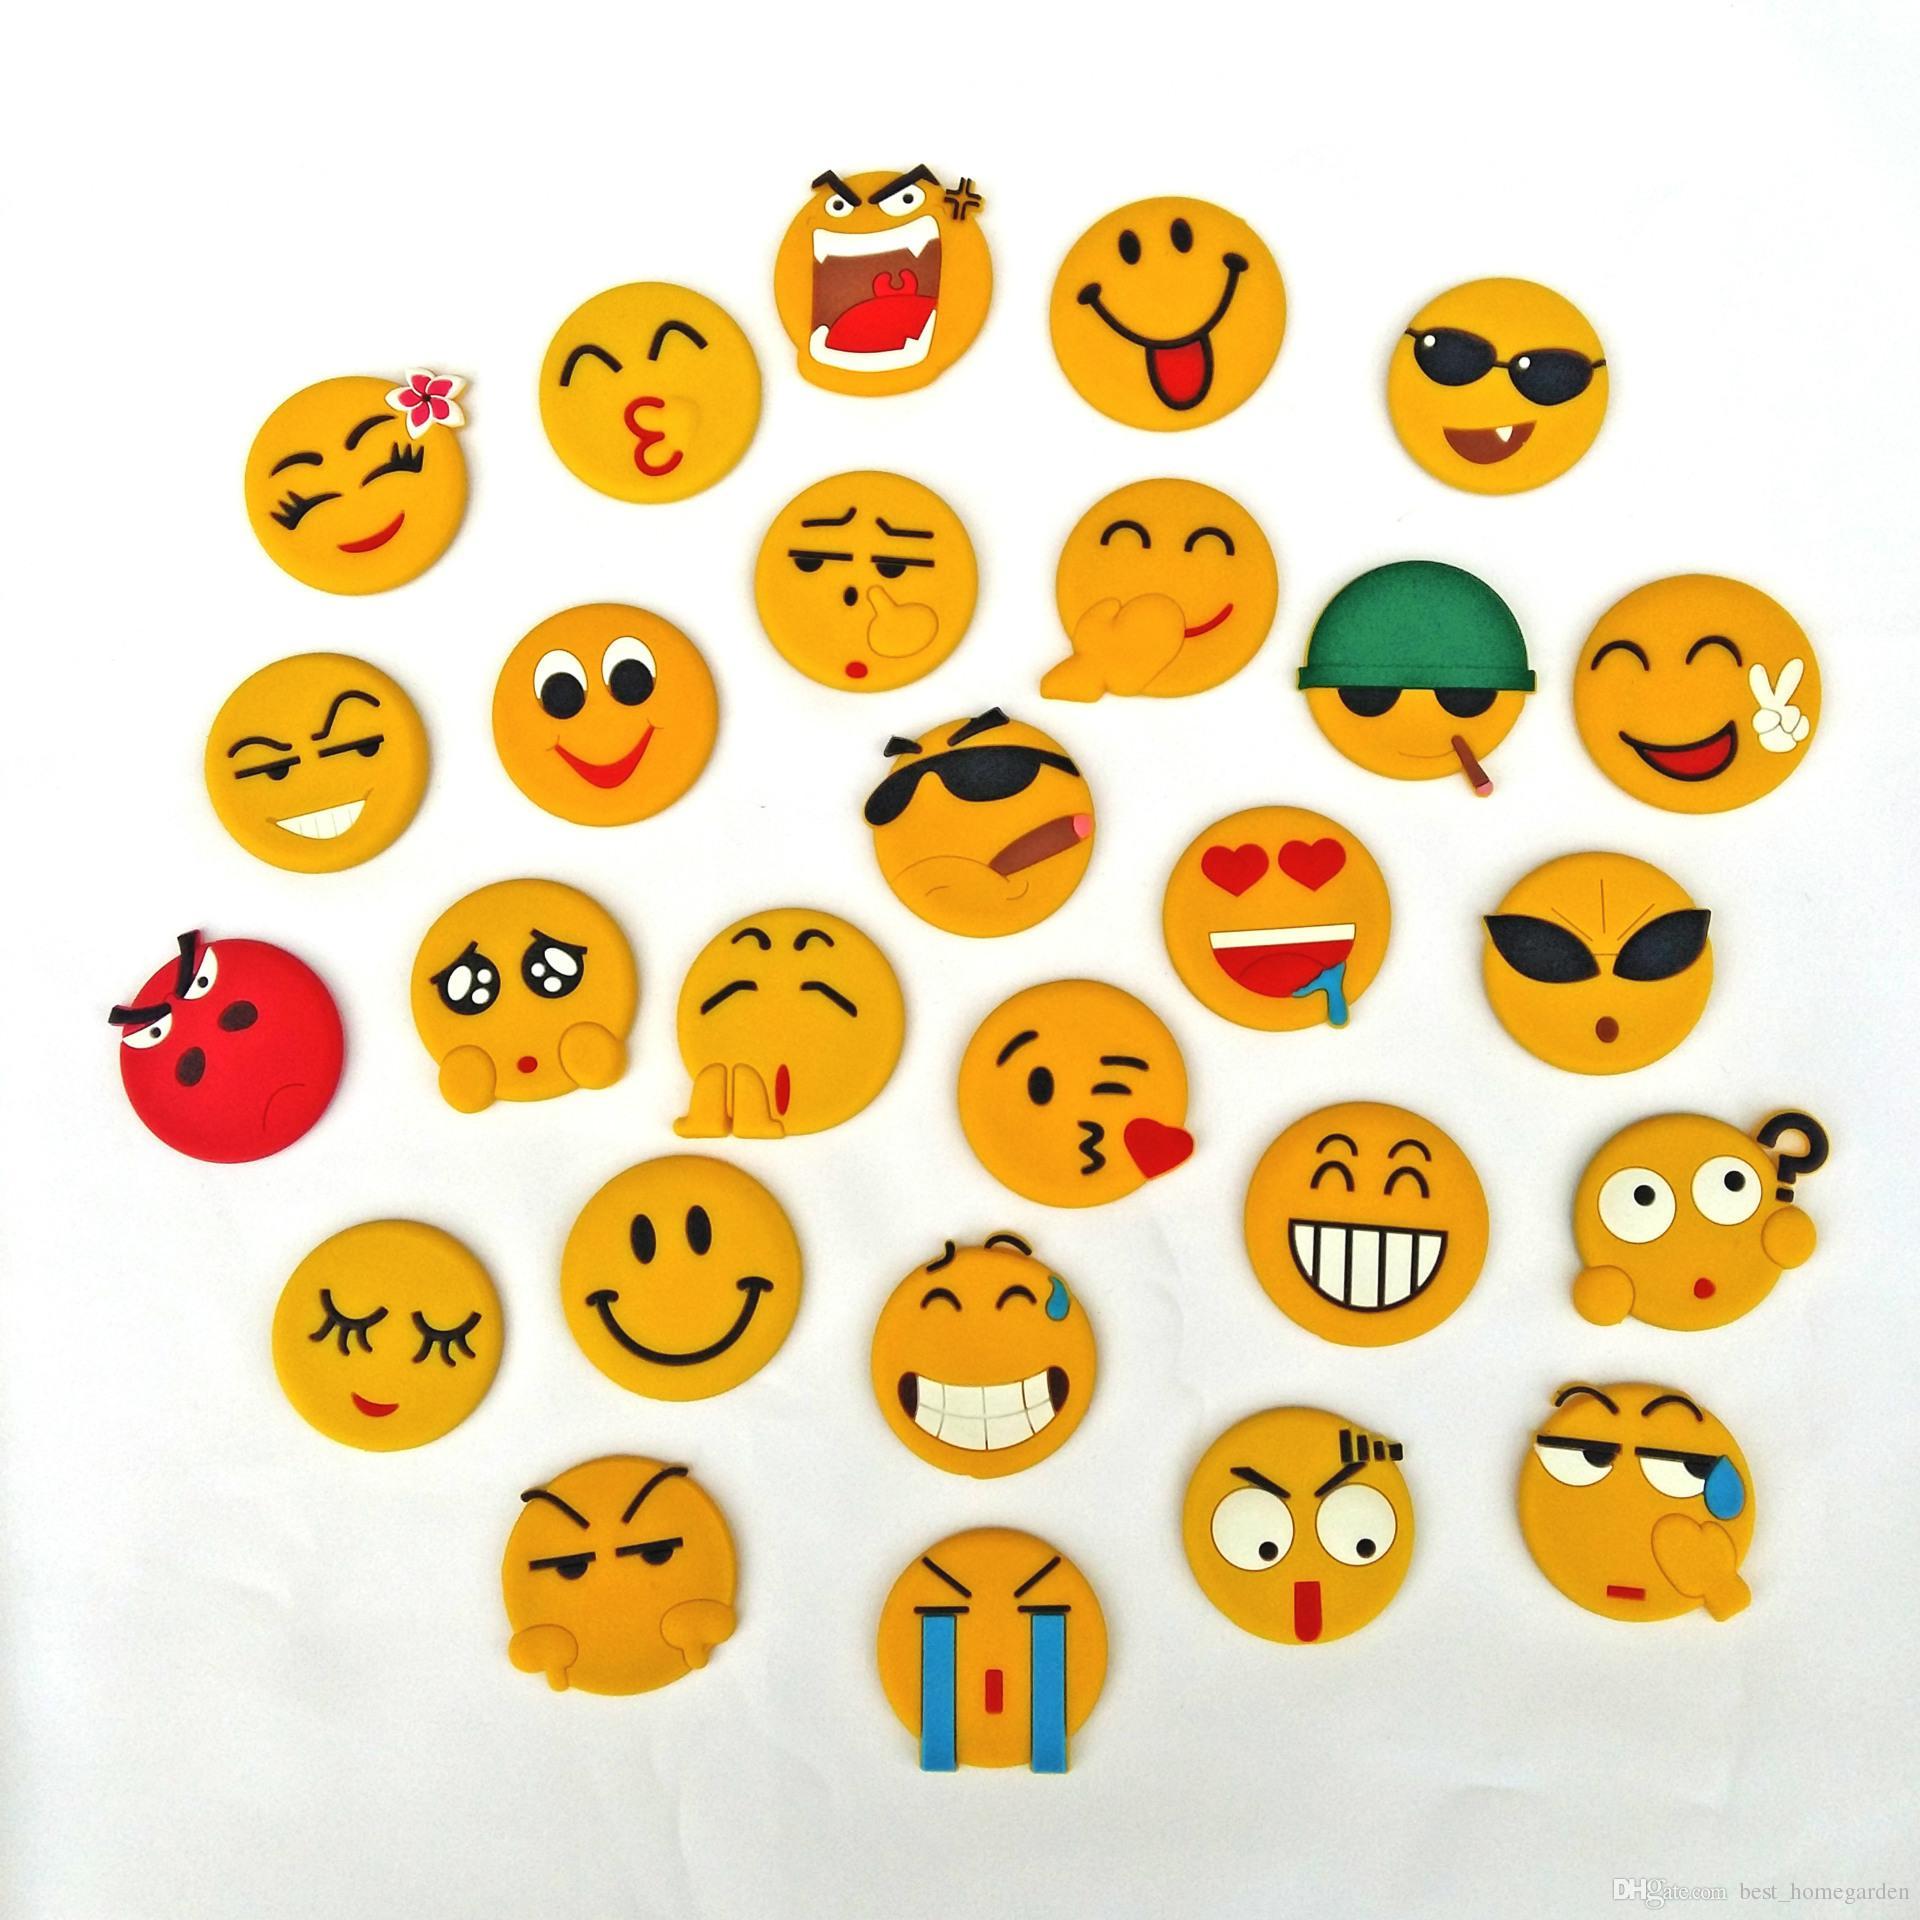 fridge magnet emoji trolls poppy pvc 25mm magnet home decor